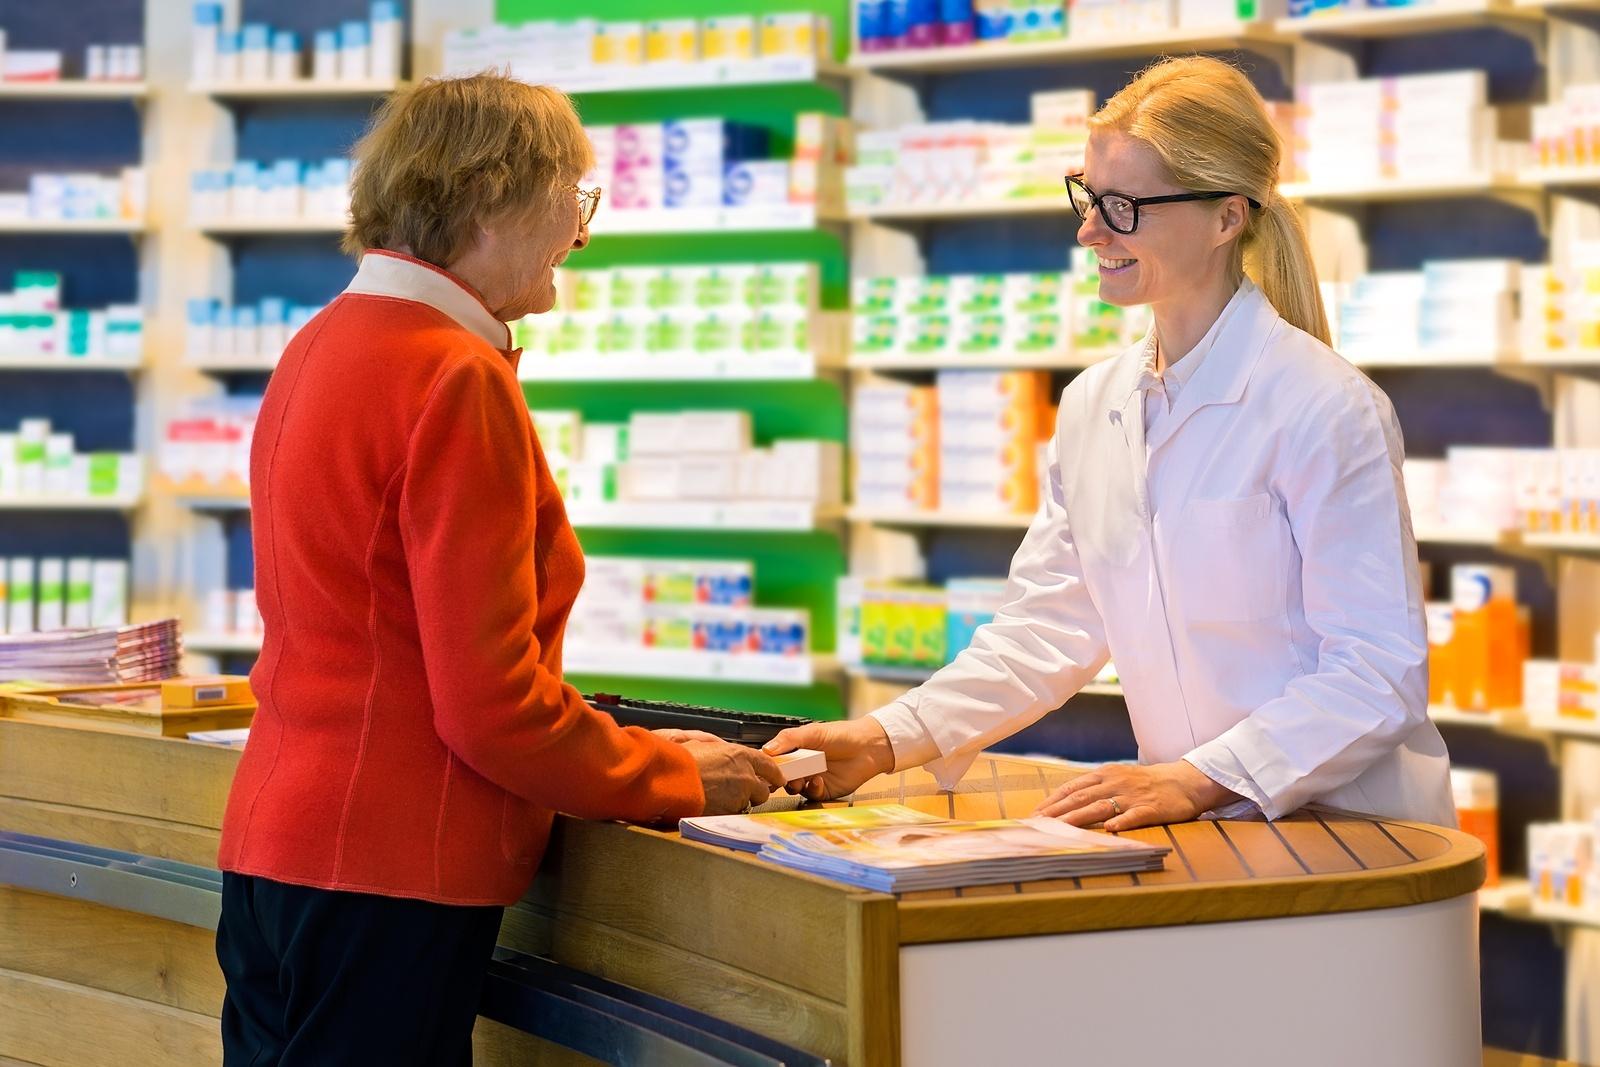 Dispensing Errors in Community Pharmacy